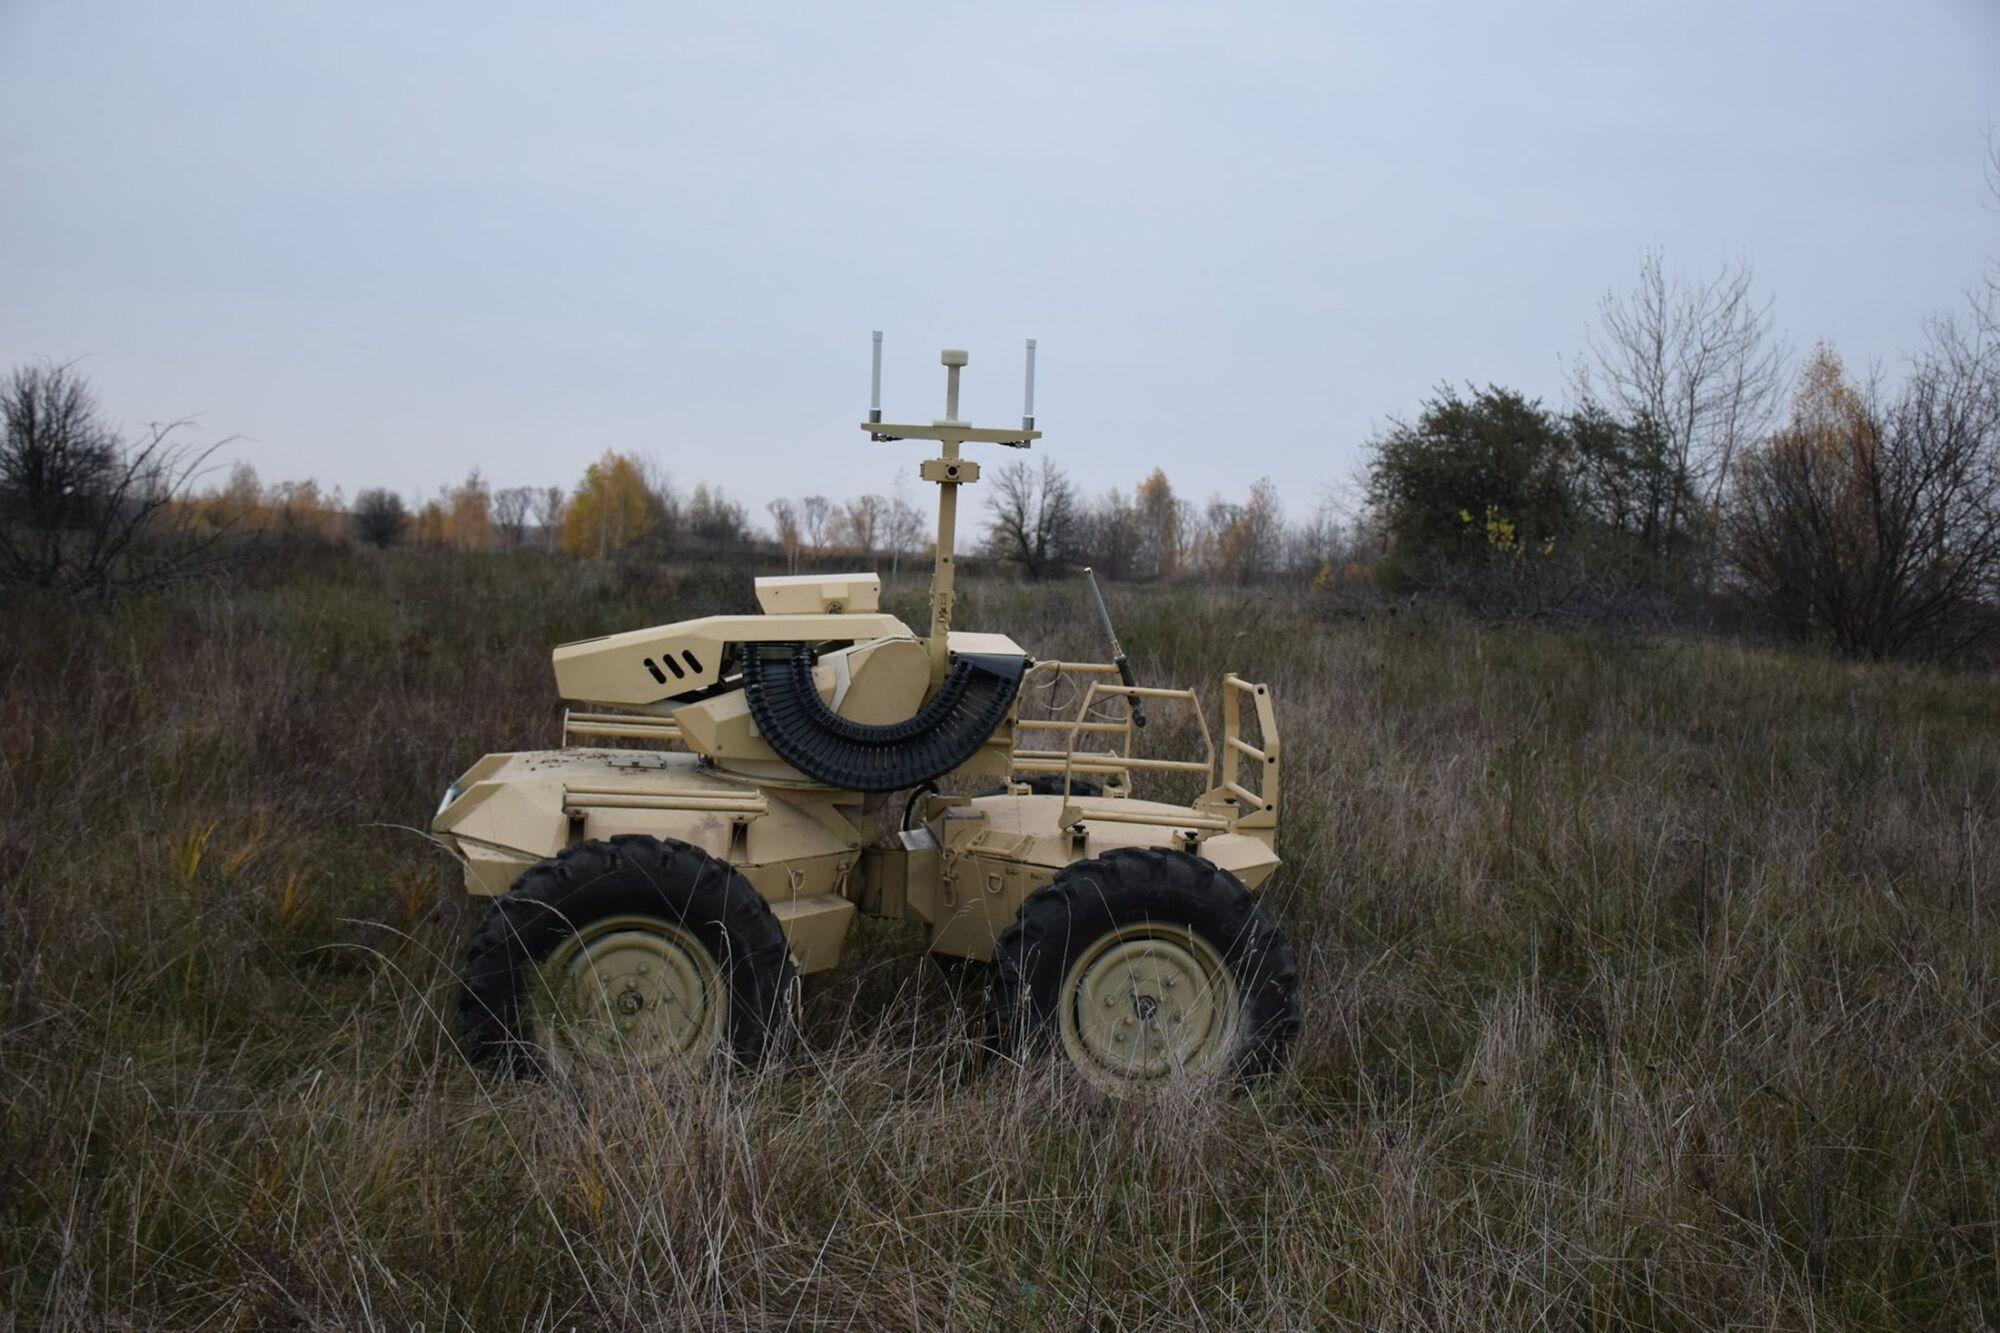 Техника может поступить на вооружение украинских воинов